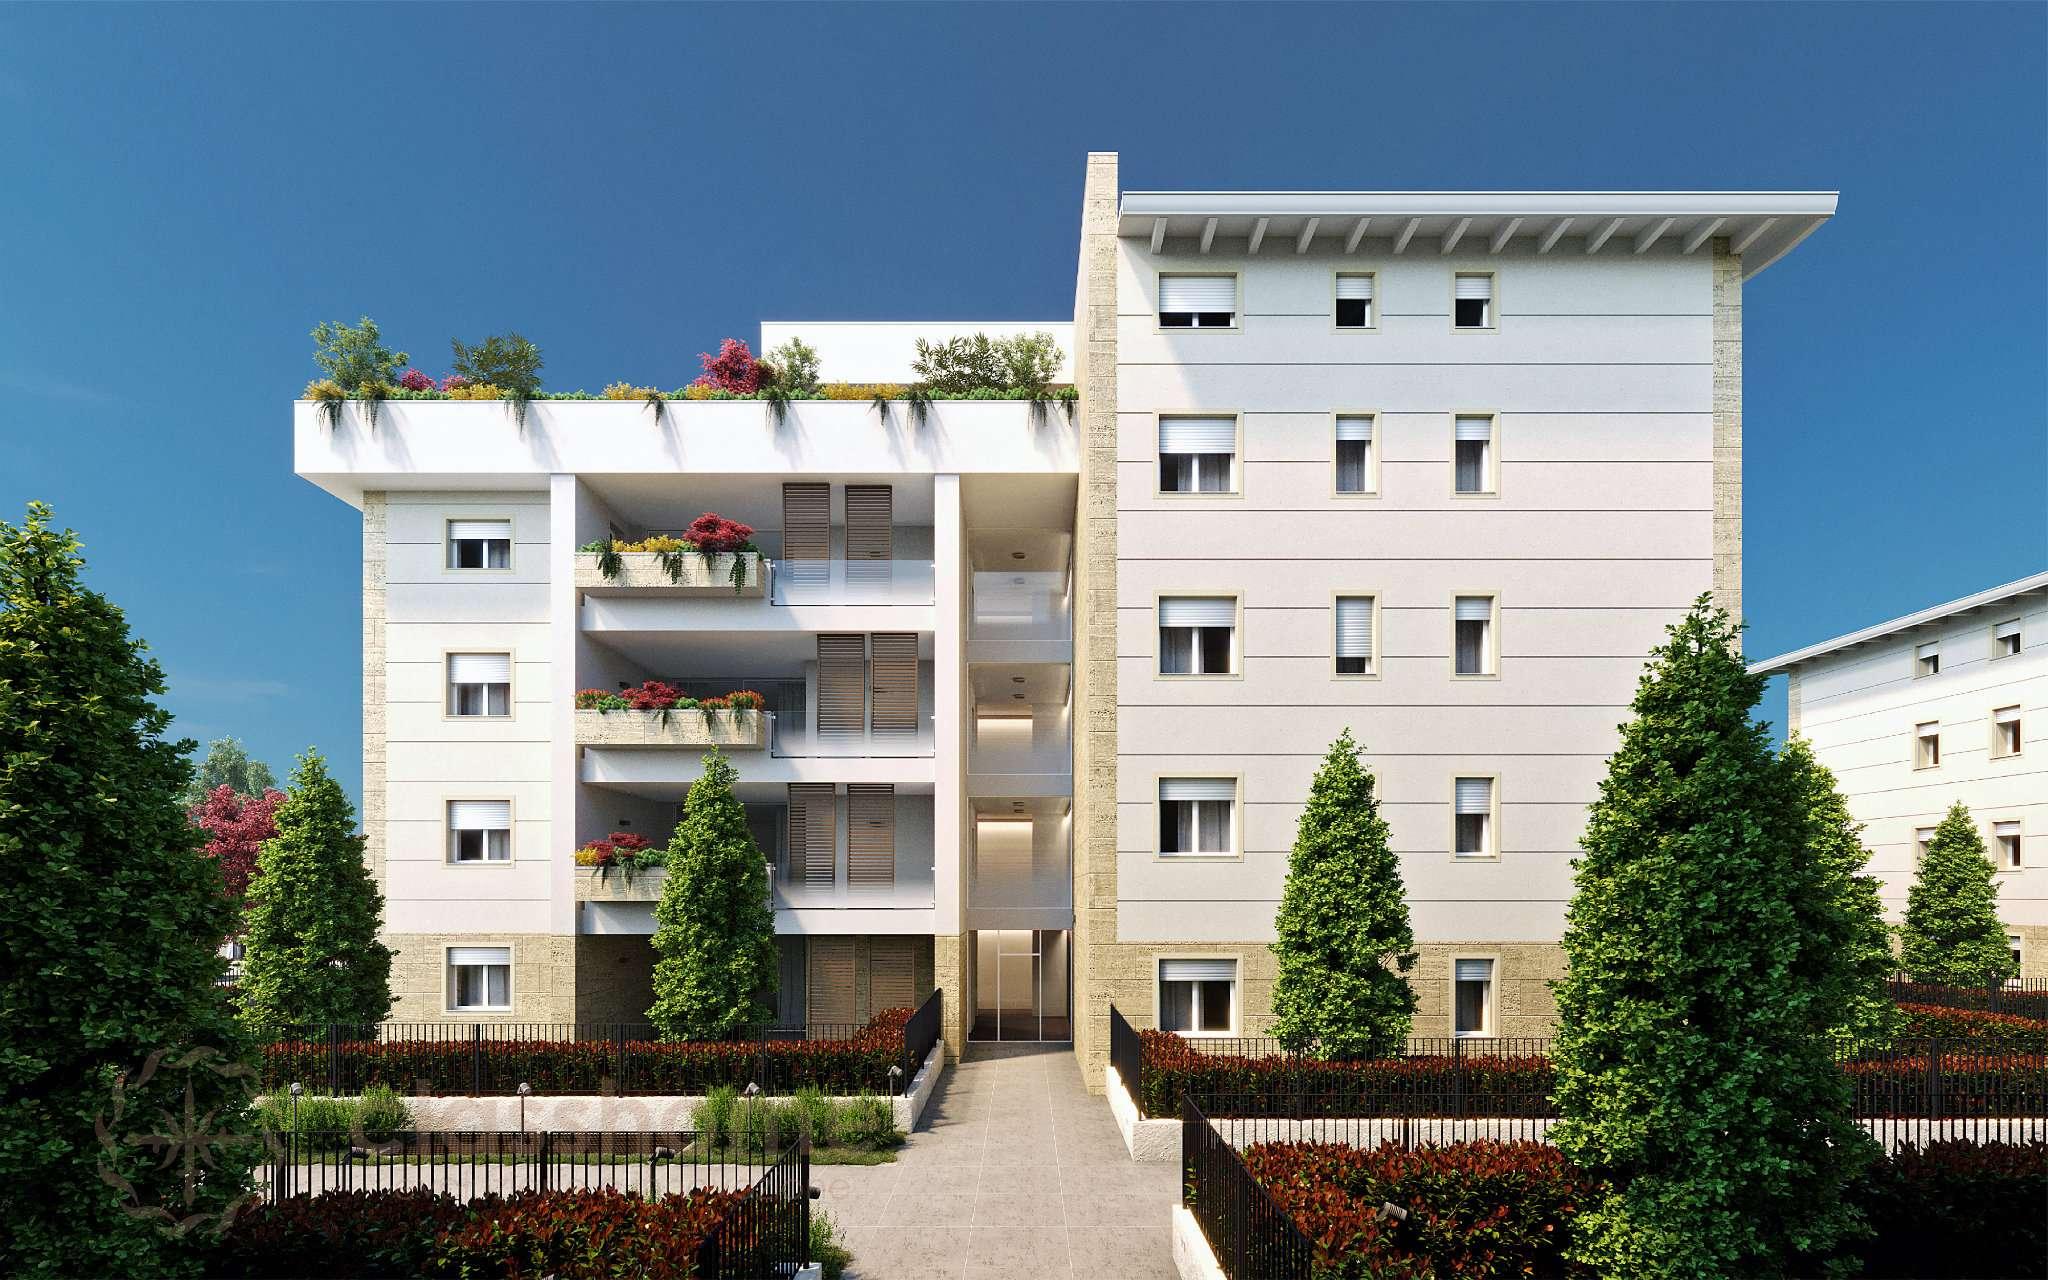 Appartamento in vendita a Novate Milanese, 2 locali, prezzo € 242.100 | PortaleAgenzieImmobiliari.it